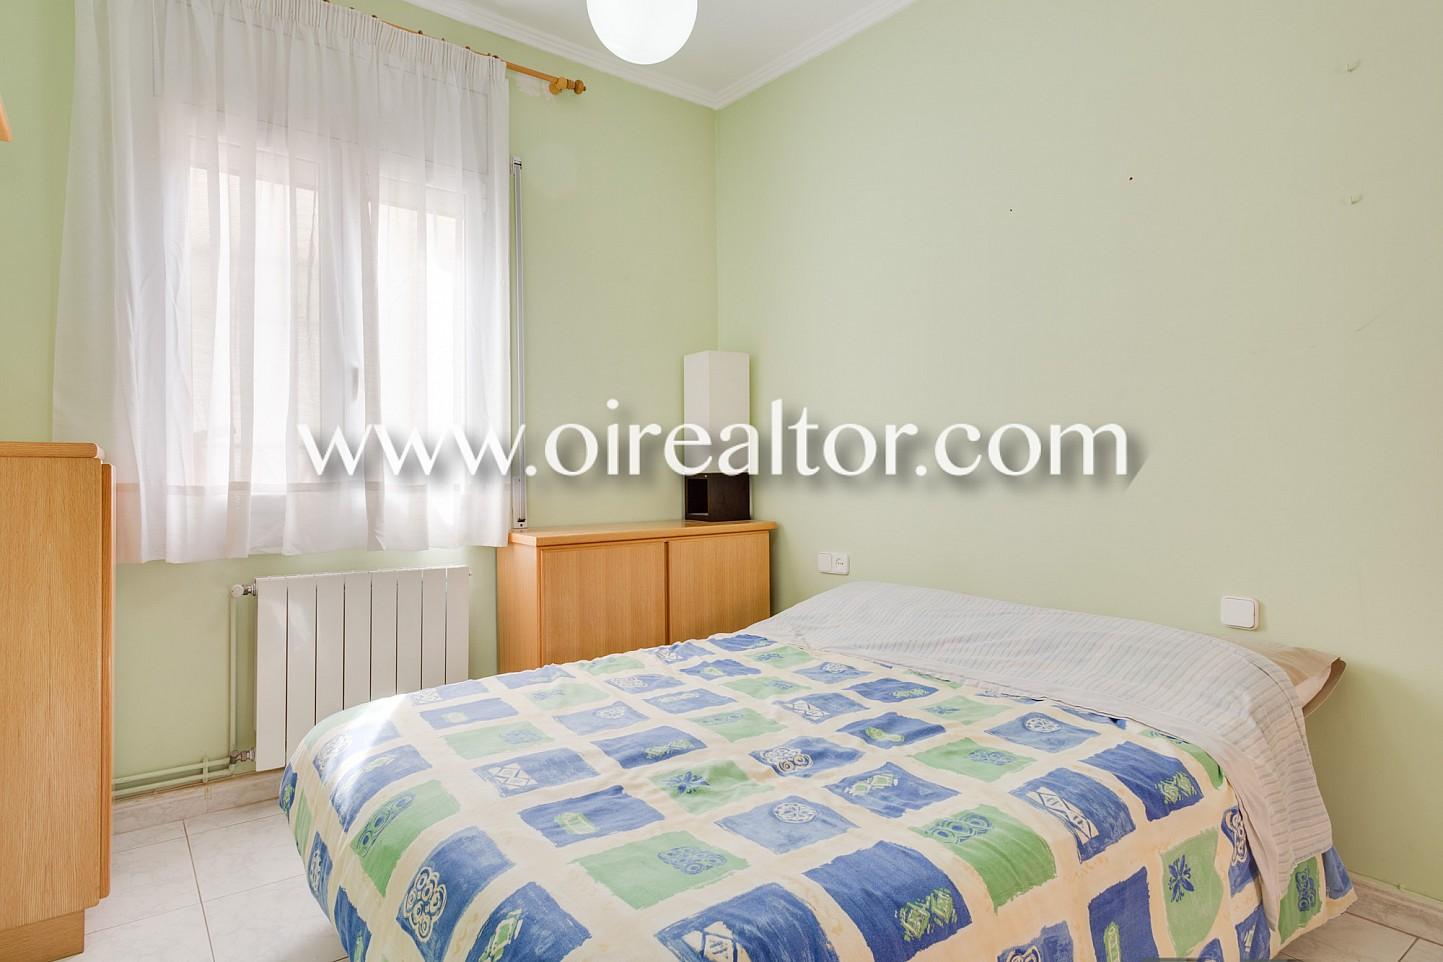 Acogedor piso ubicado en el coraz n de sarri barcelona - Piso en sarria ...